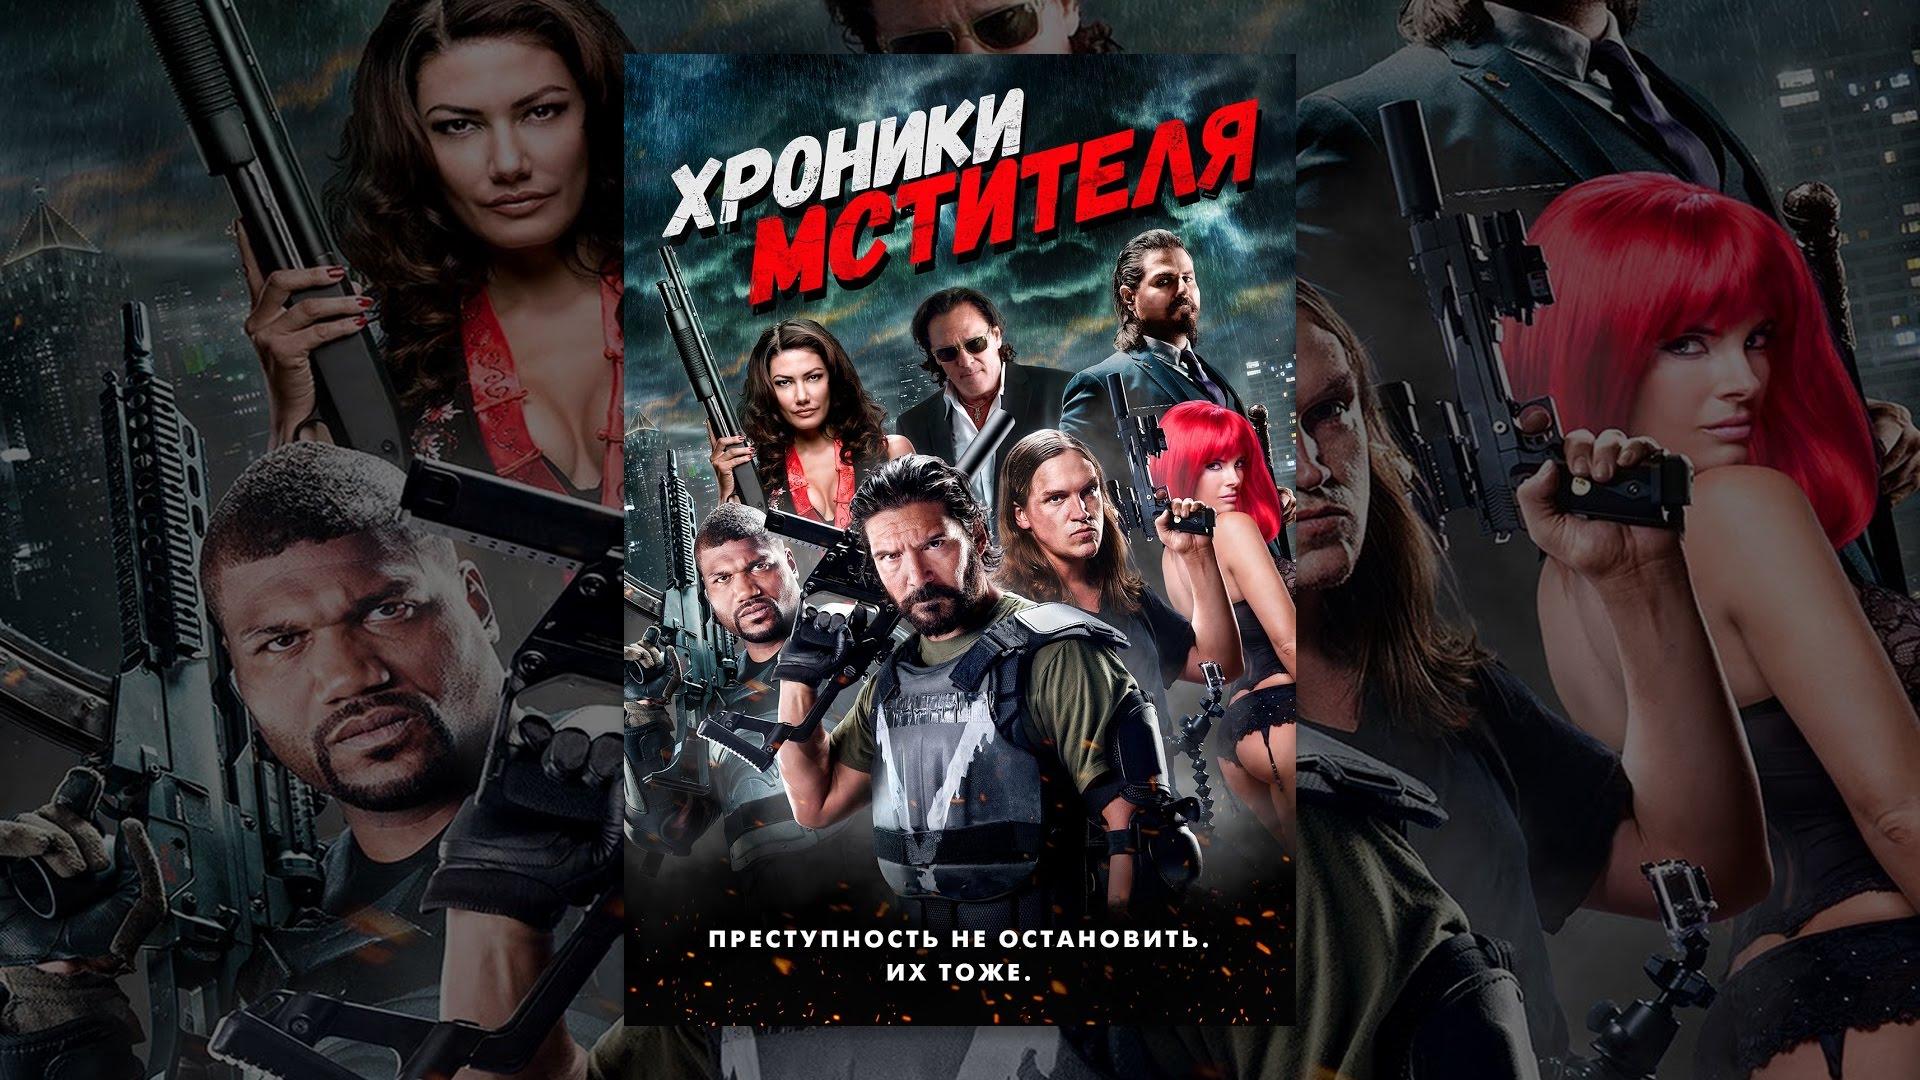 смотреть хроники мстителя 2016 Курчевская